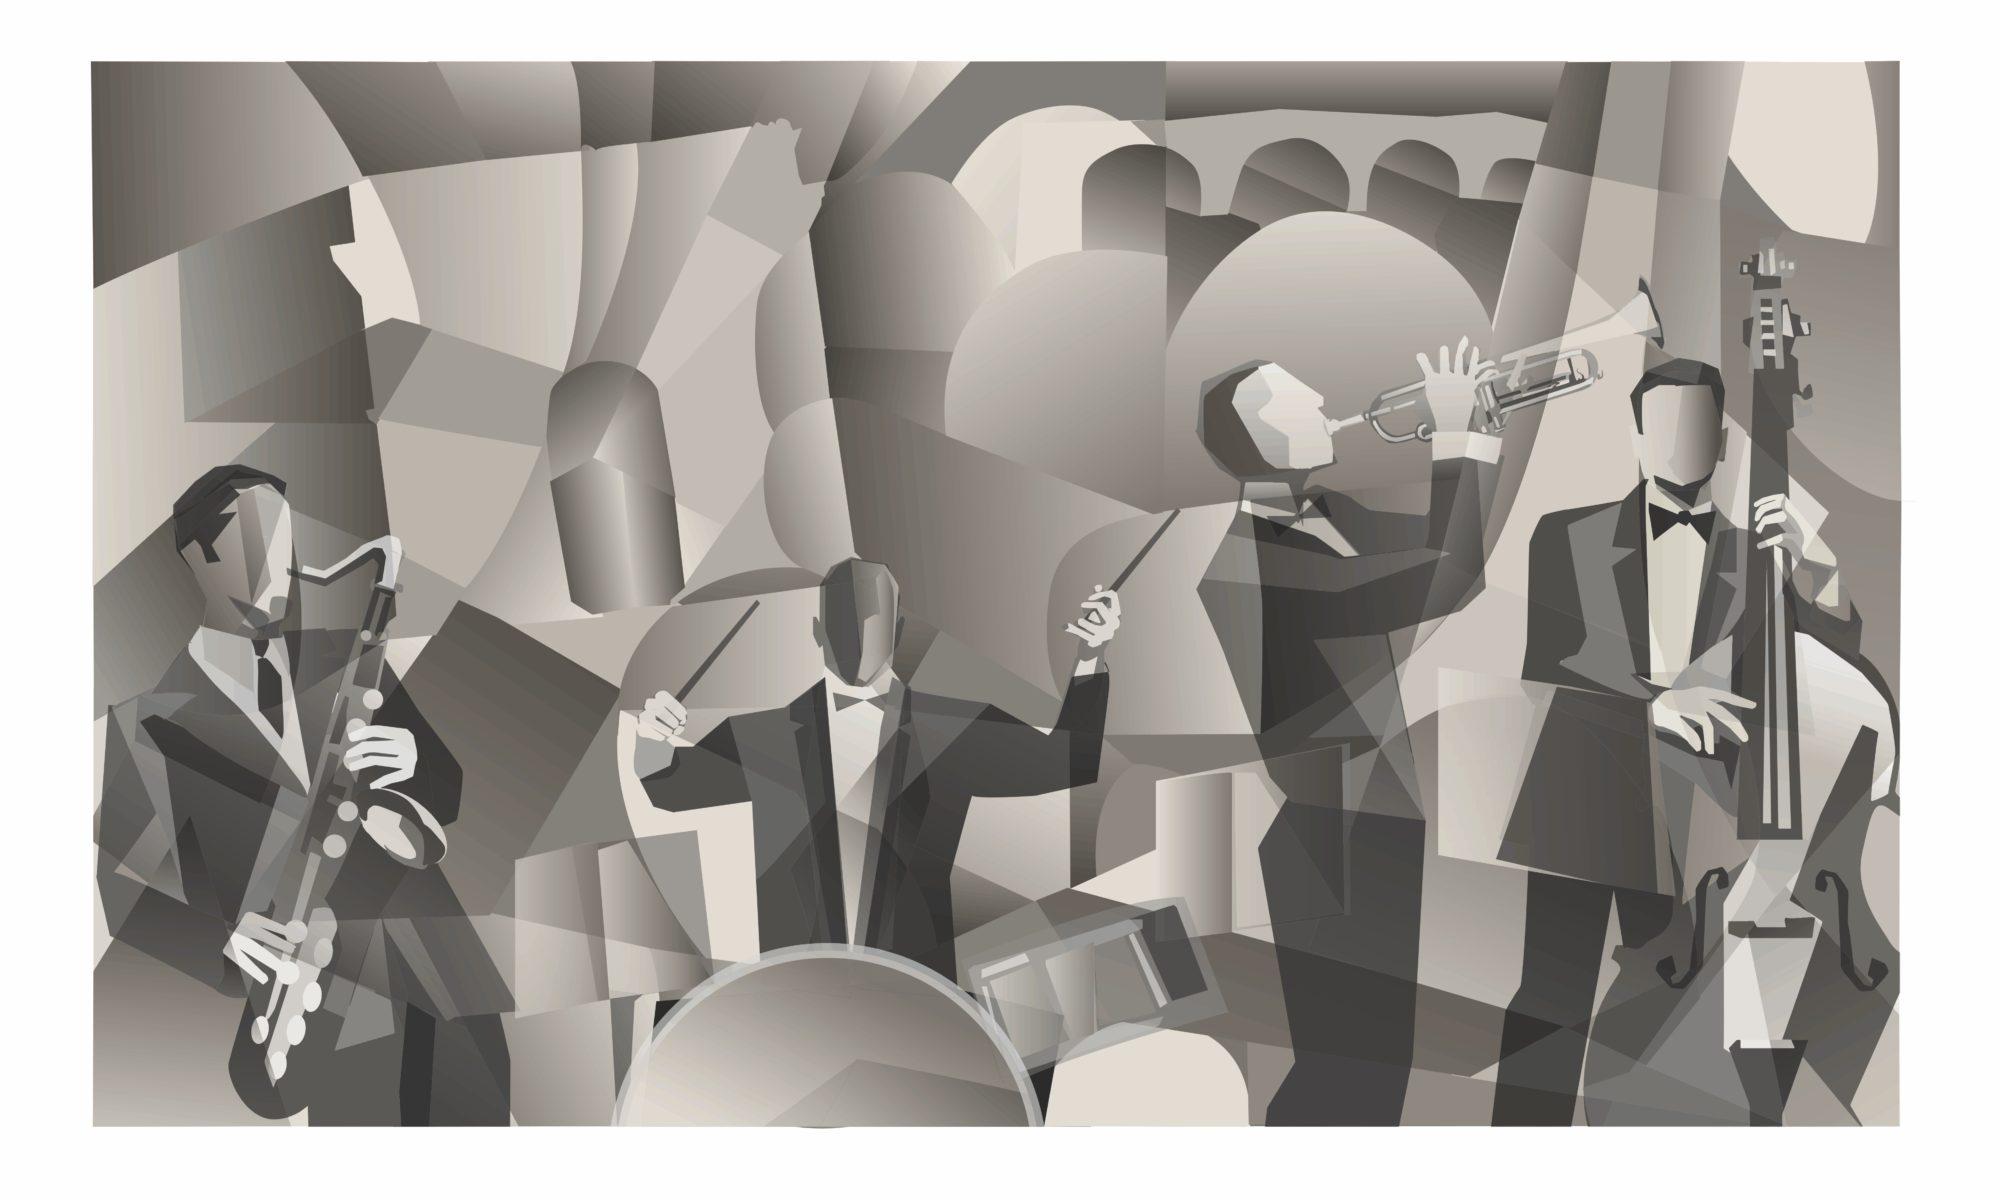 zespół jazzowy czarno biały obrazek